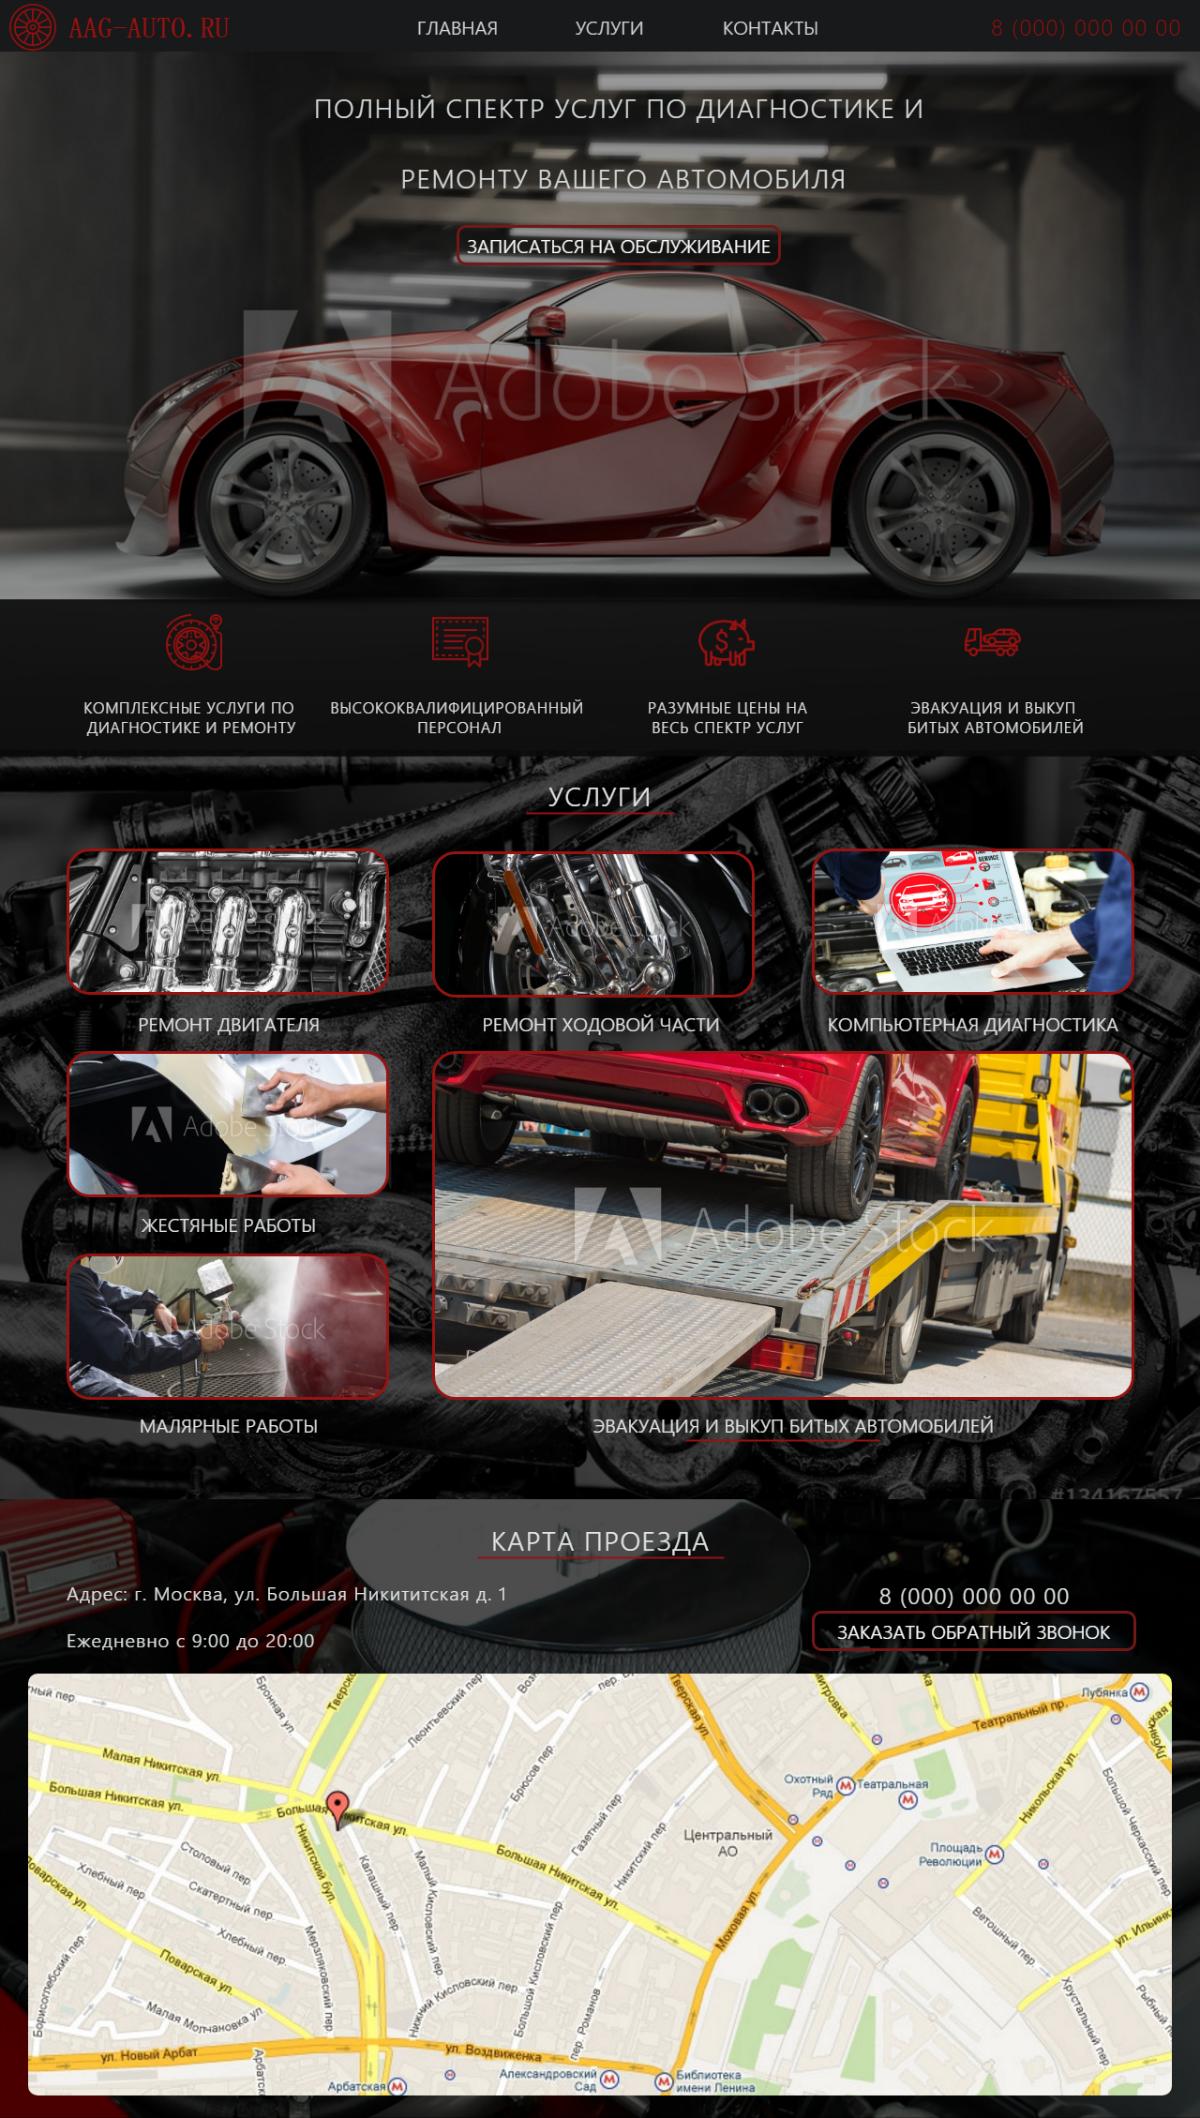 Дизайн сайта автосервиса фото f_96758fccbb099ef1.jpg